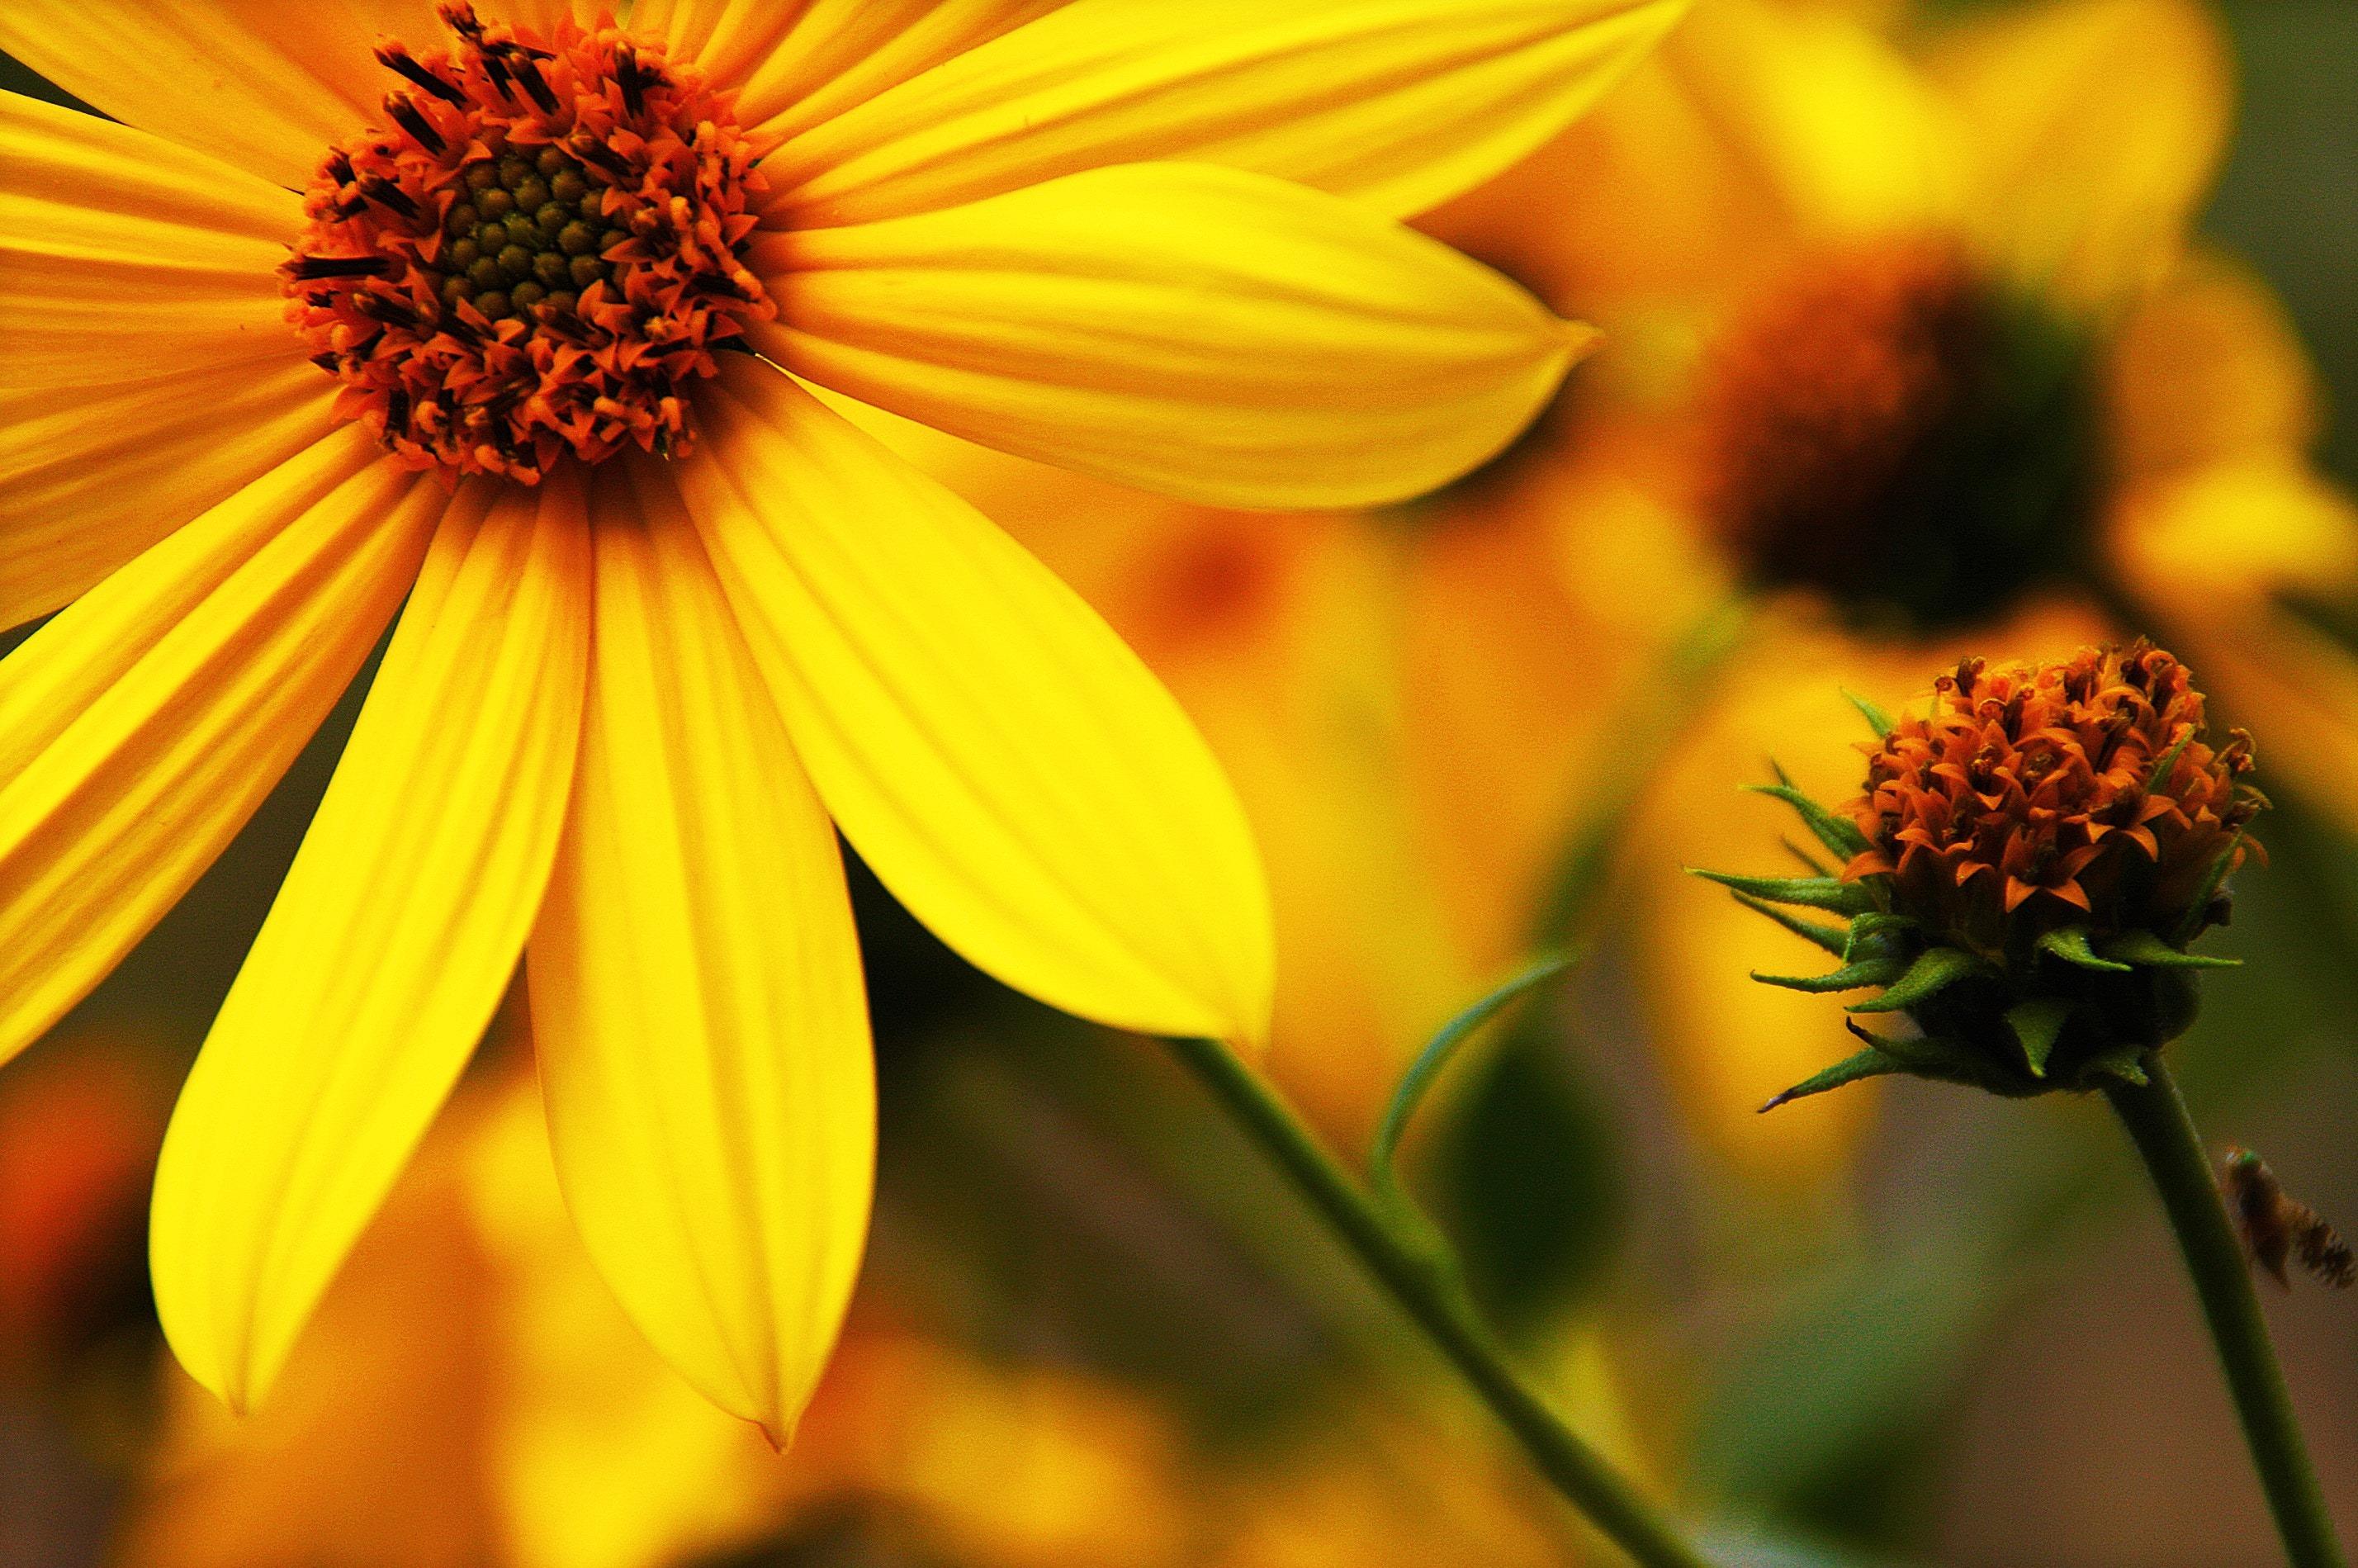 Bom Dia Tenha Uma ótima Quinta Feira: Mensagem De Bom Dia Segunda-feira Com Flores! Tenha Uma